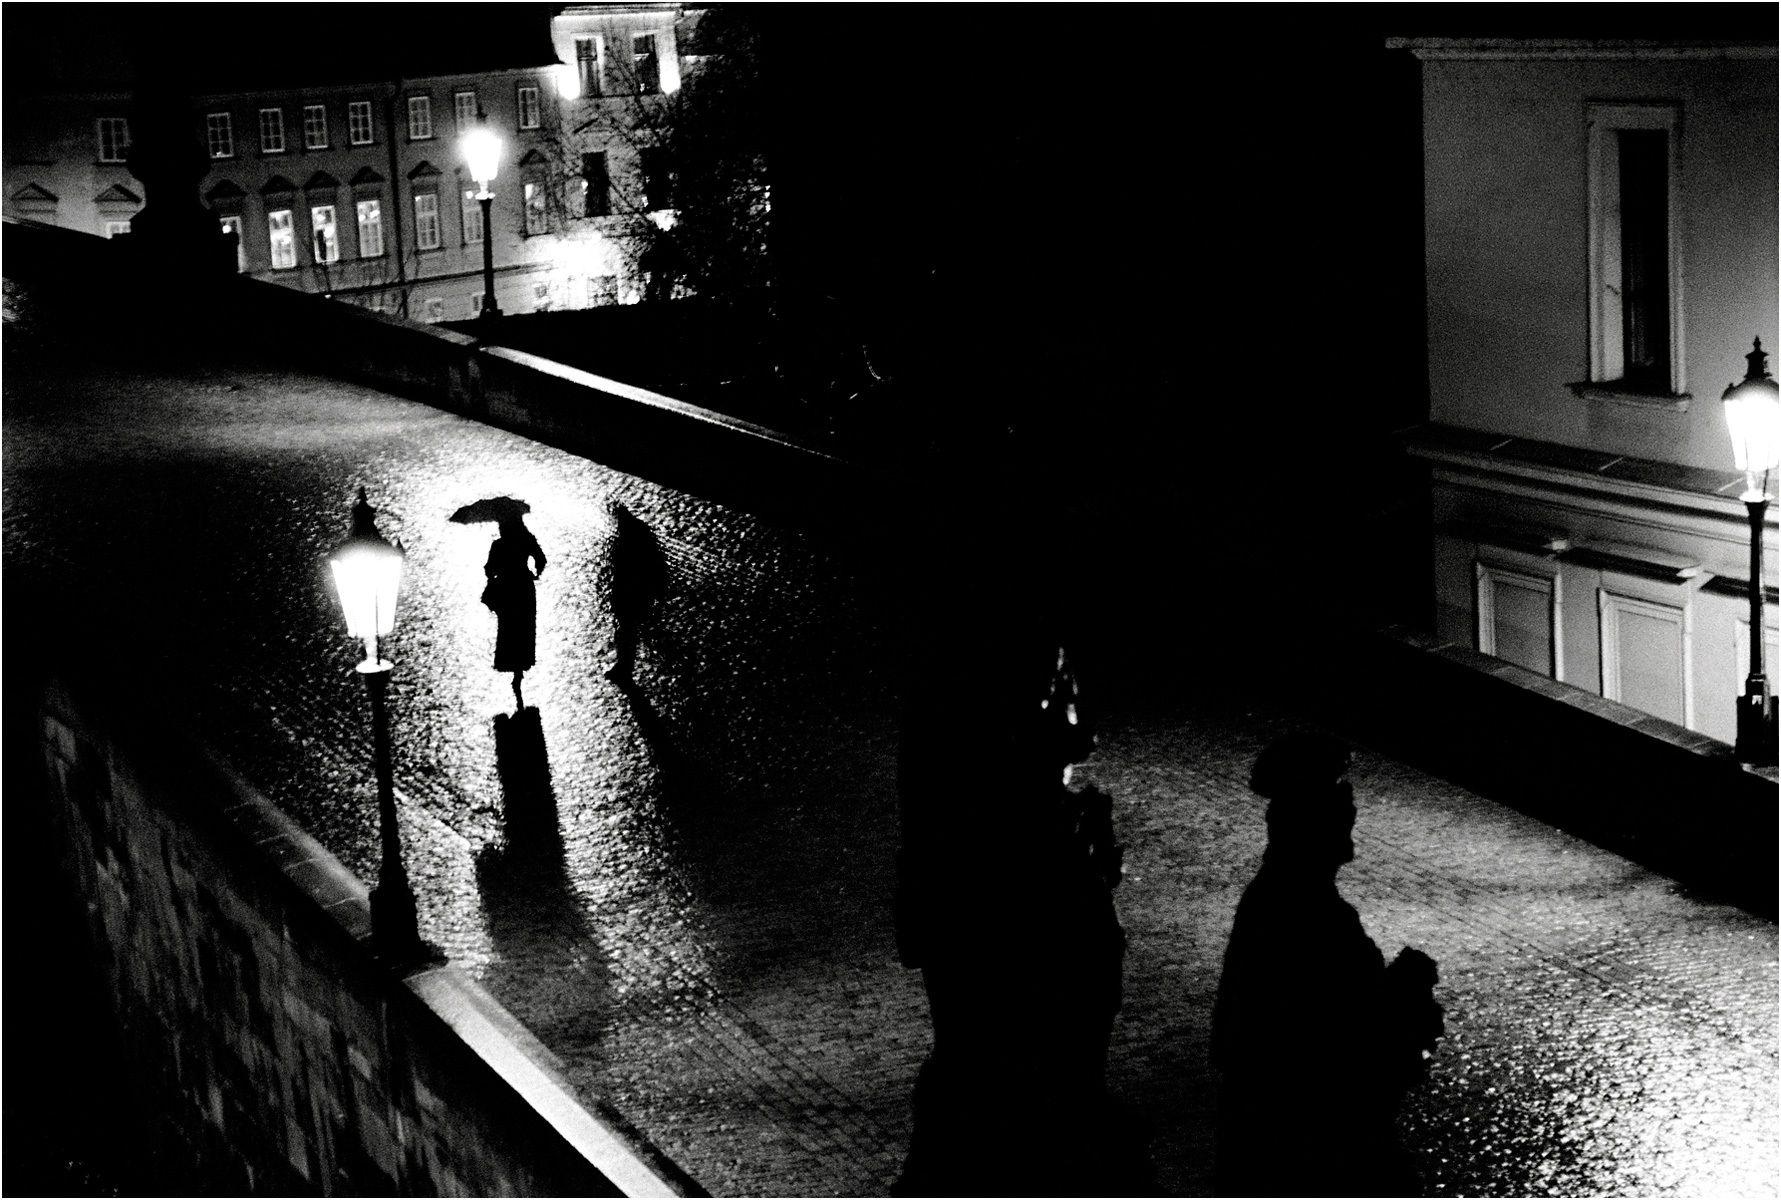 Unseen Stranger - Prague, Czech Republic